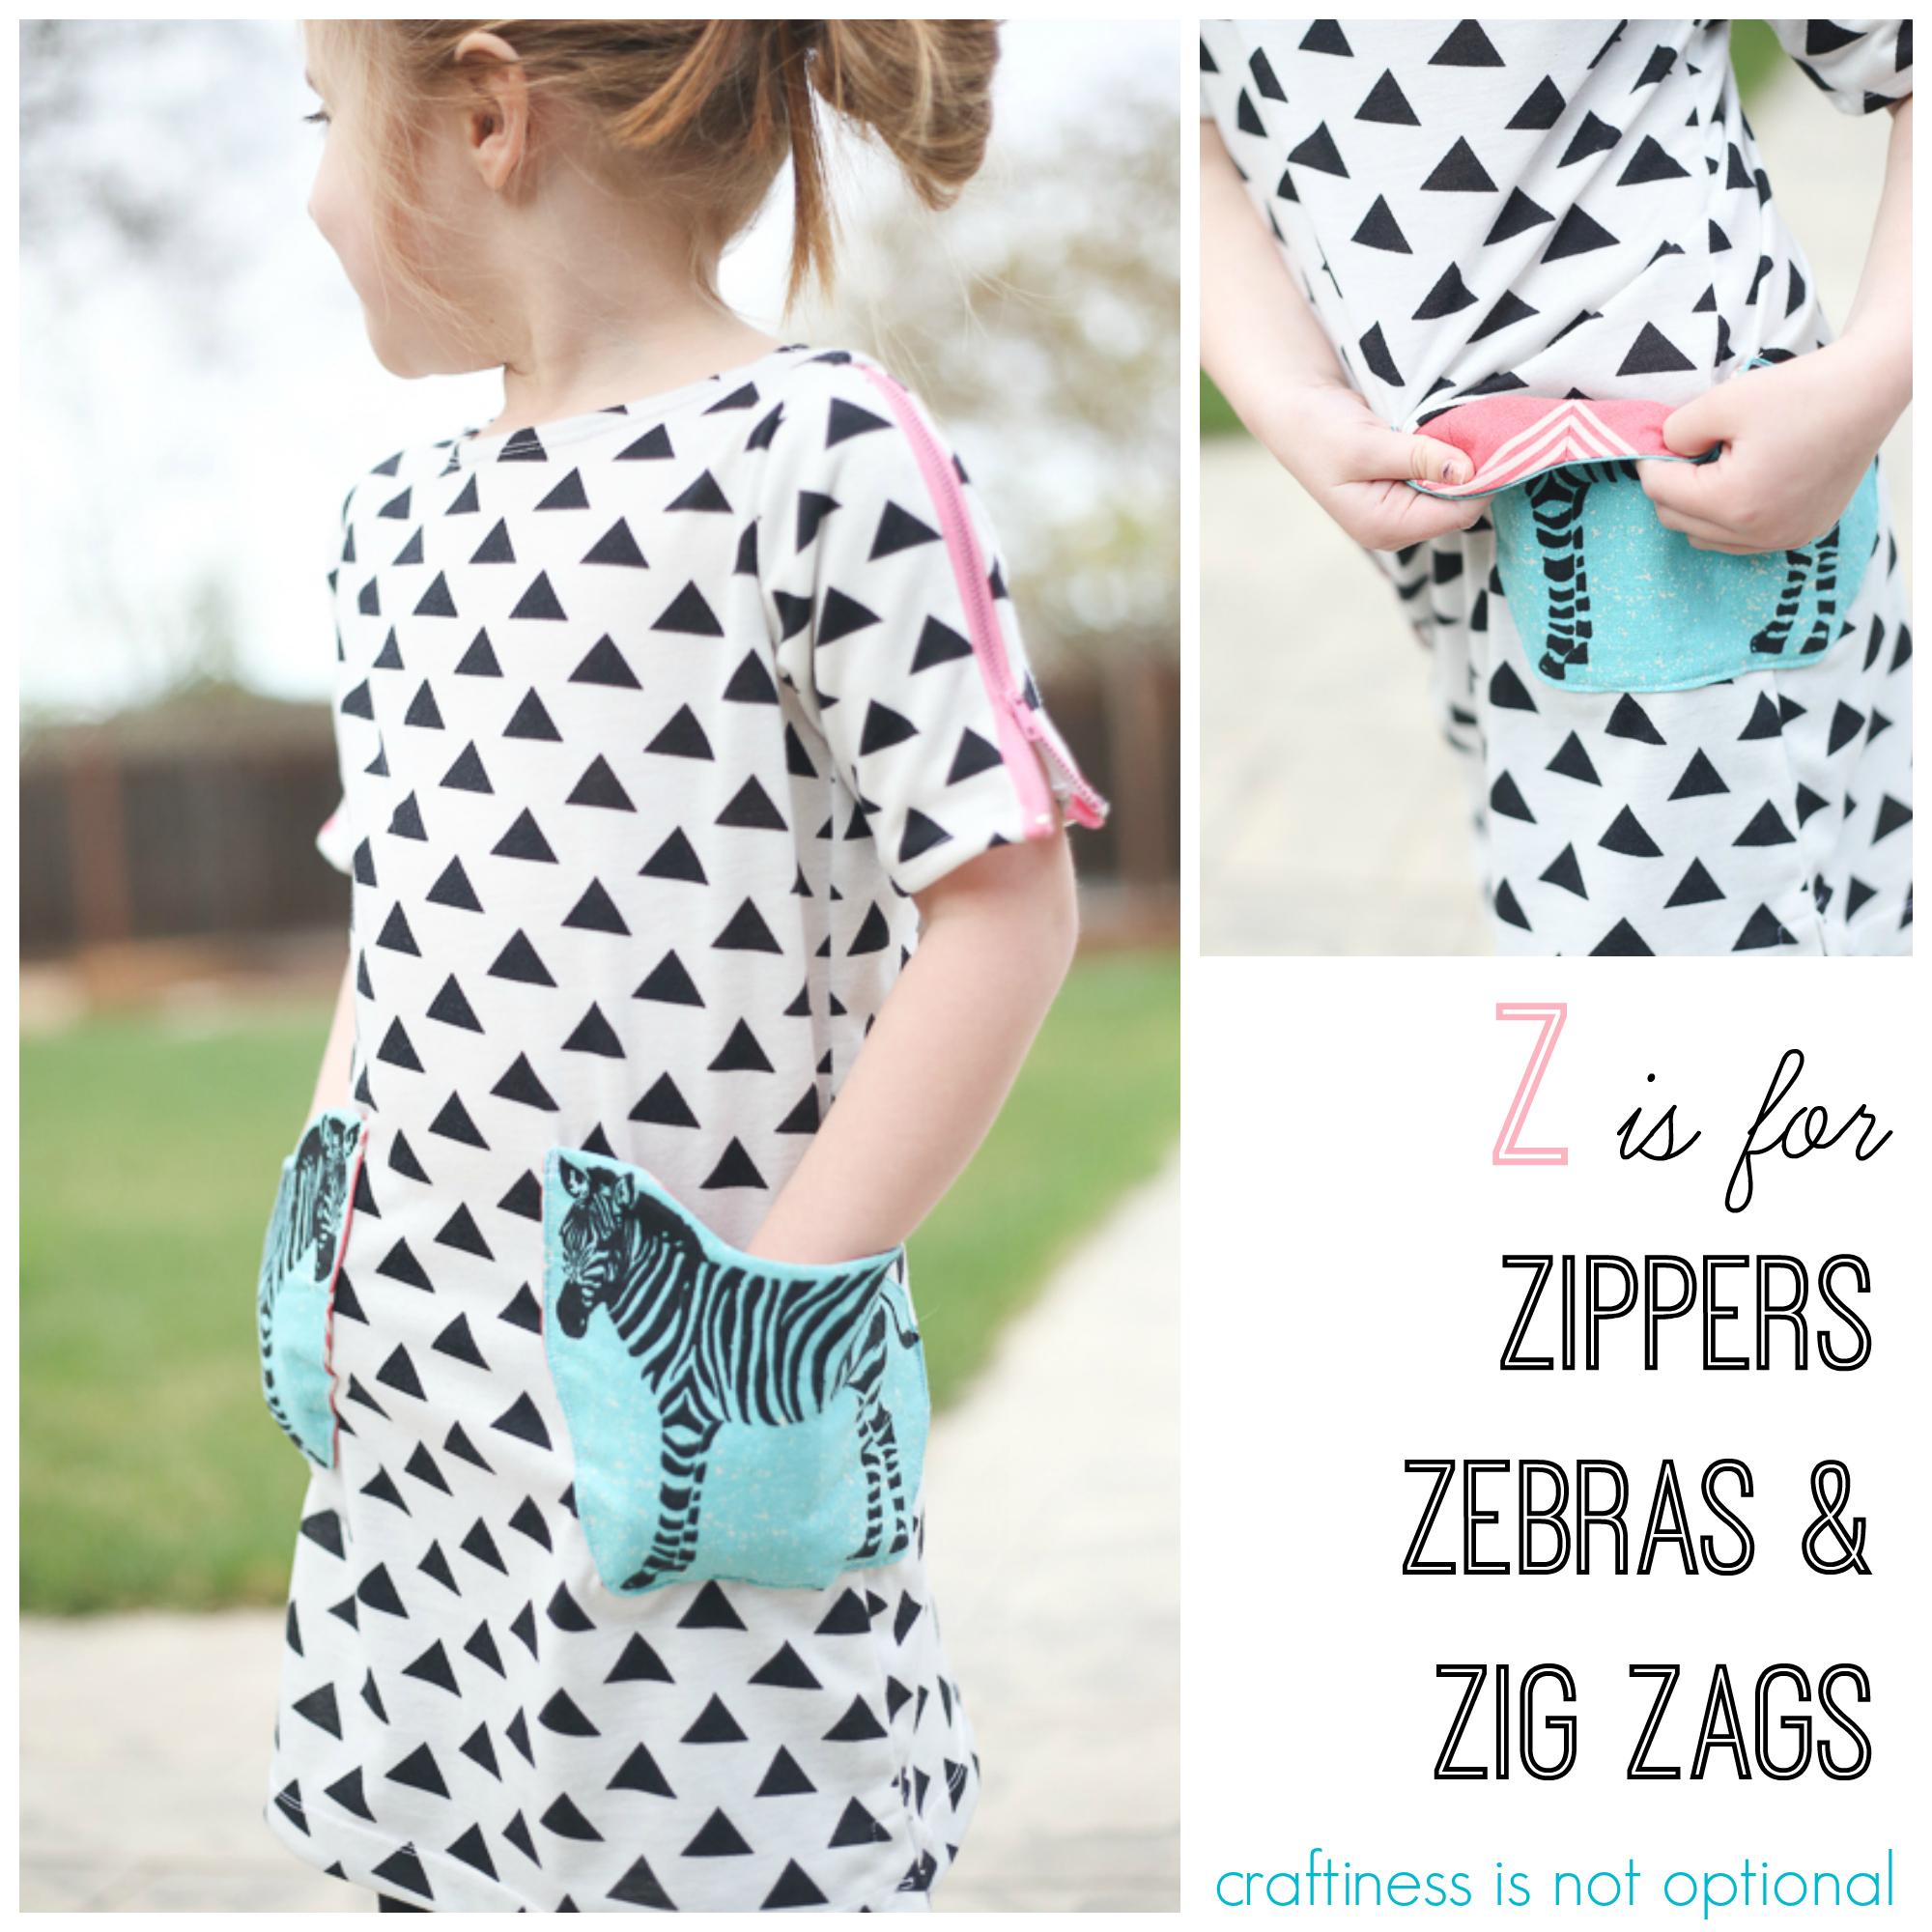 Z Is For Zipper Zebra And Zig Zag